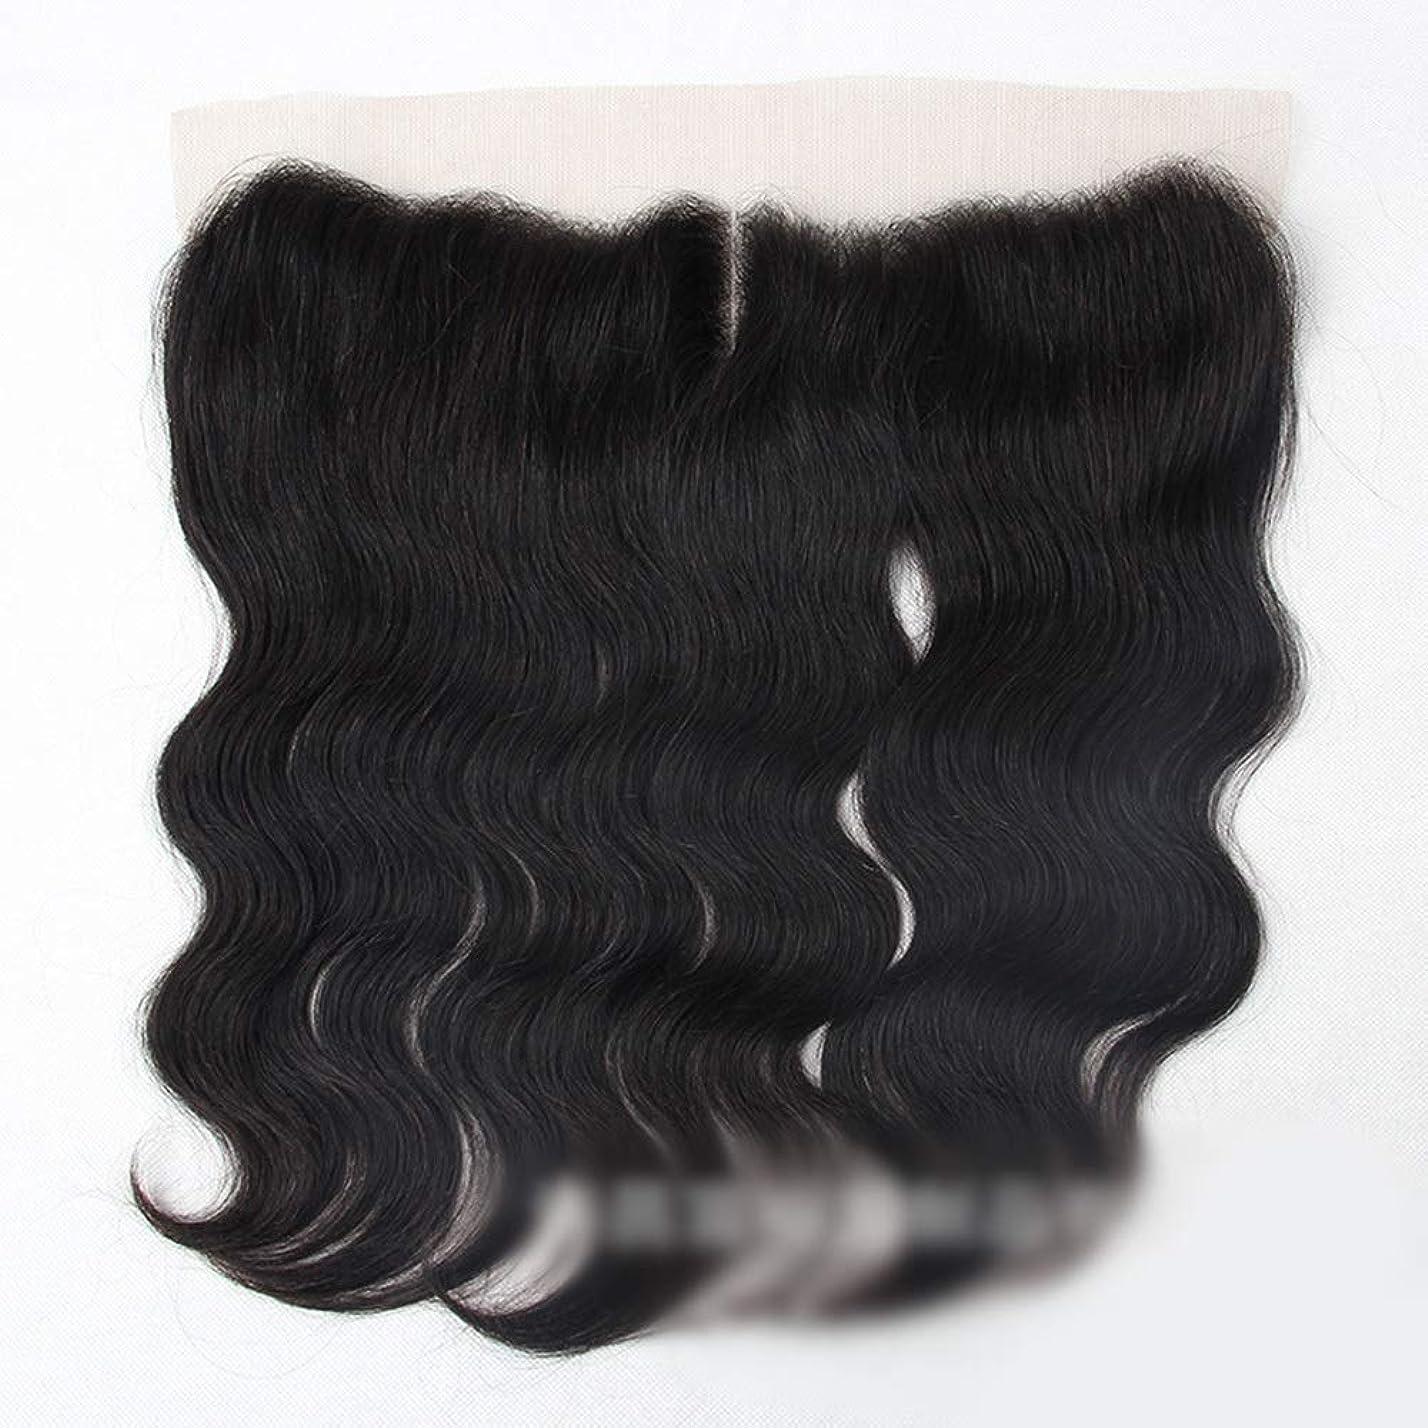 延ばすにもかかわらず締めるブラジル実体波人間の髪の毛13×4レース前頭閉鎖中間部ナチュラルブラック モデリングツール (色 : 黒, サイズ : 16 inch)